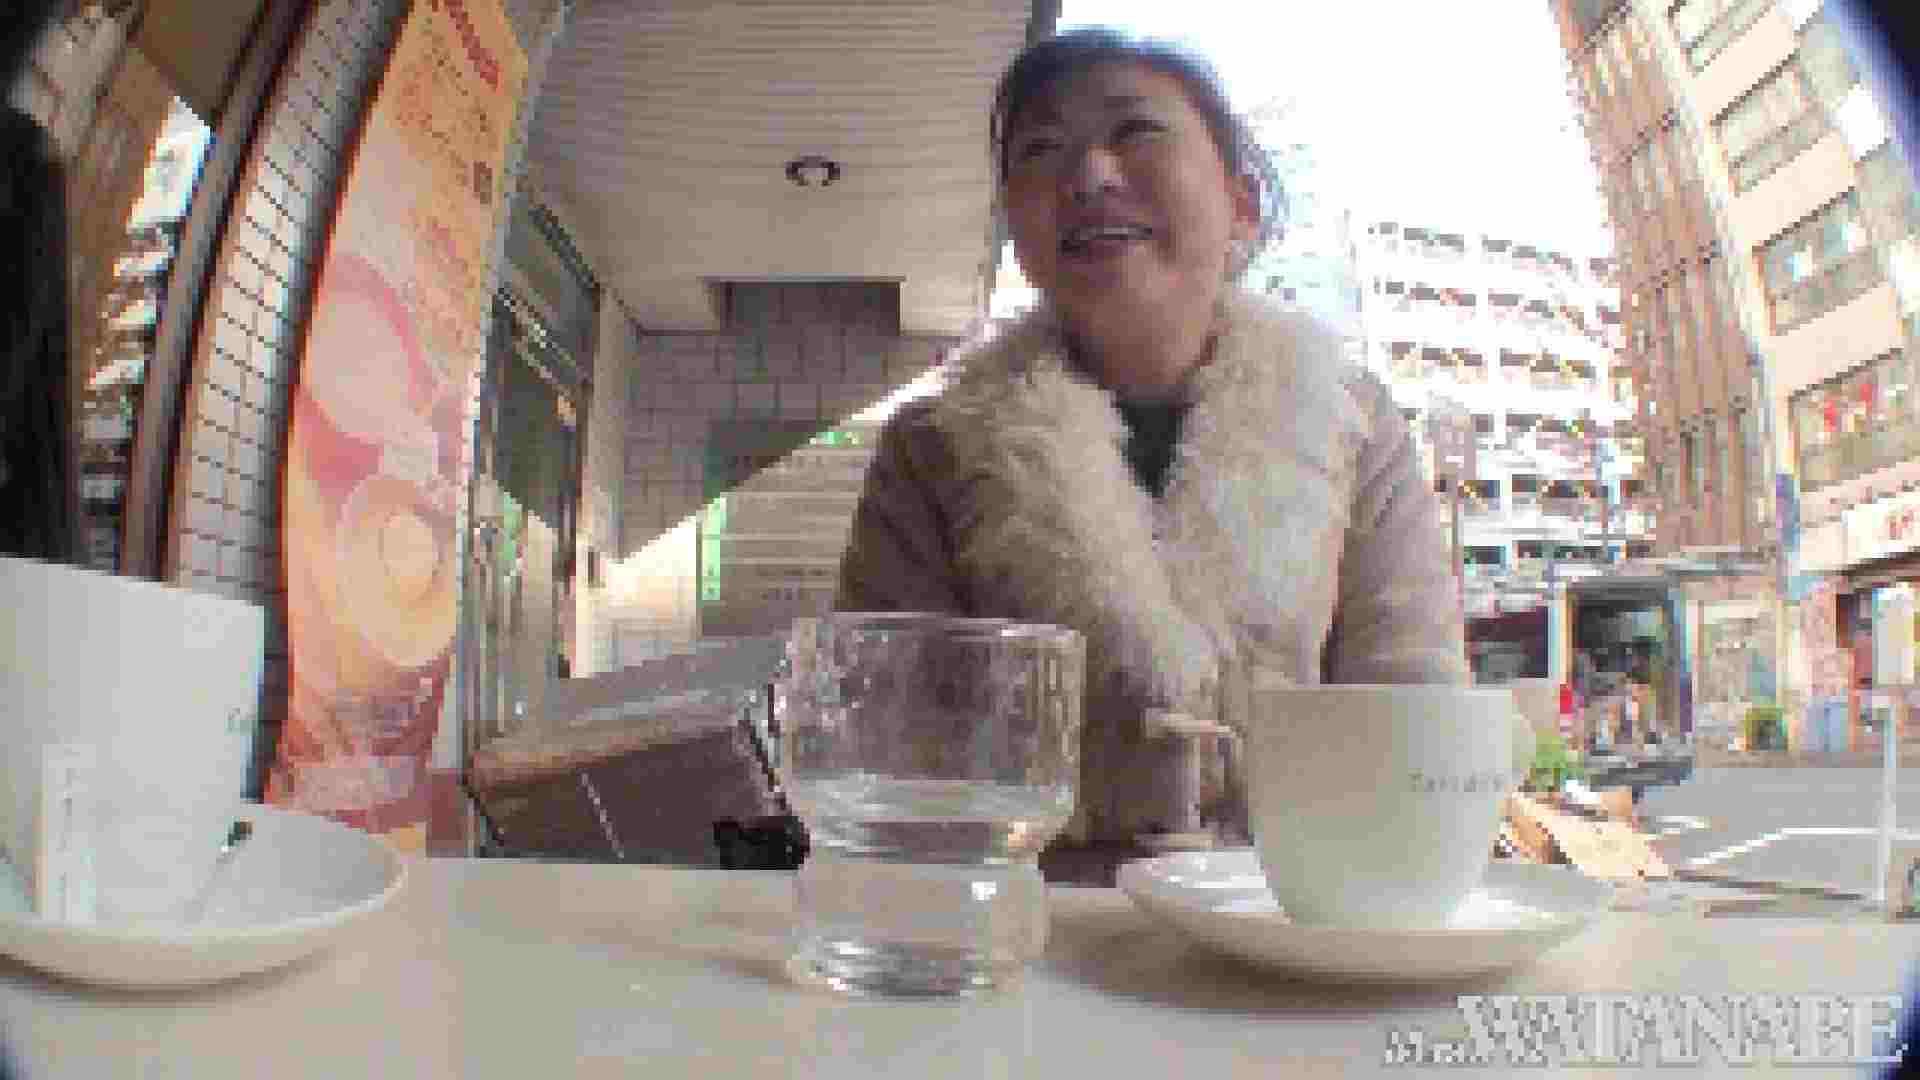 撮影スタッフを誘惑する痴熟女 かおり40歳 Vol.01 素人 | HなOL  67pic 40